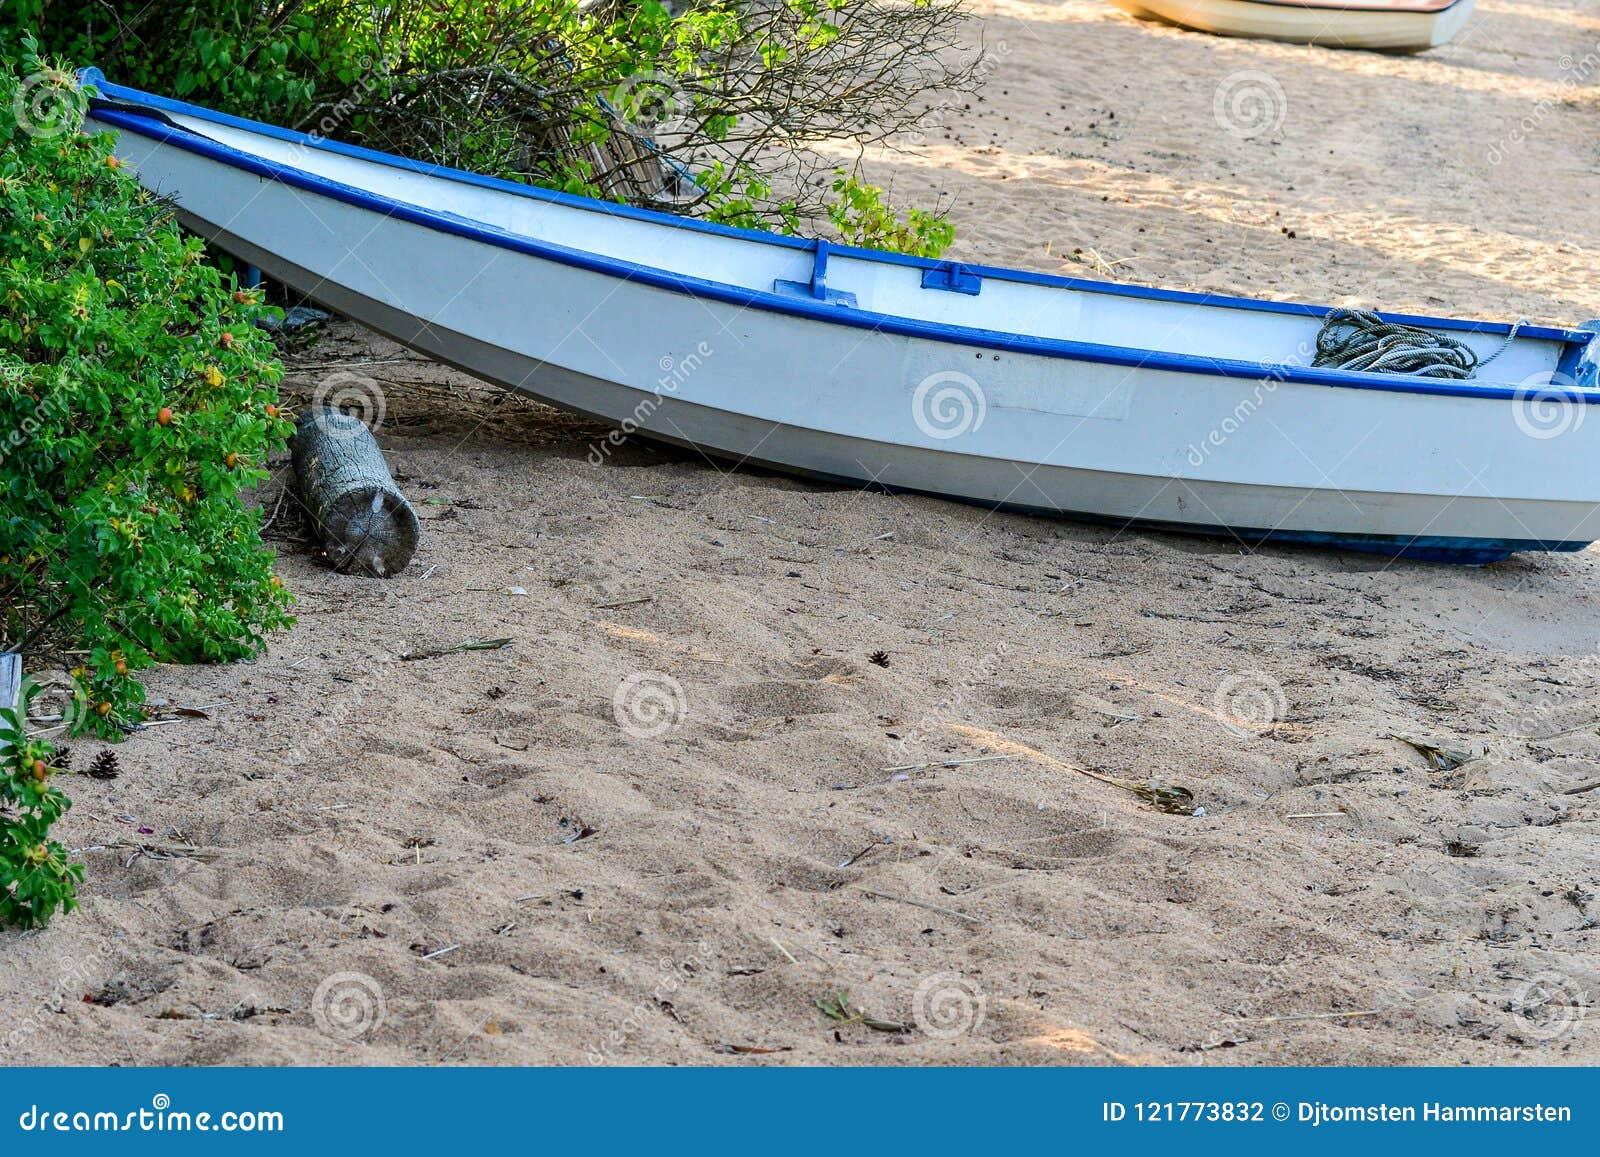 Hermosa Abandonado Bote De Playa Archivo La Remos En Foto XZwOuTkliP